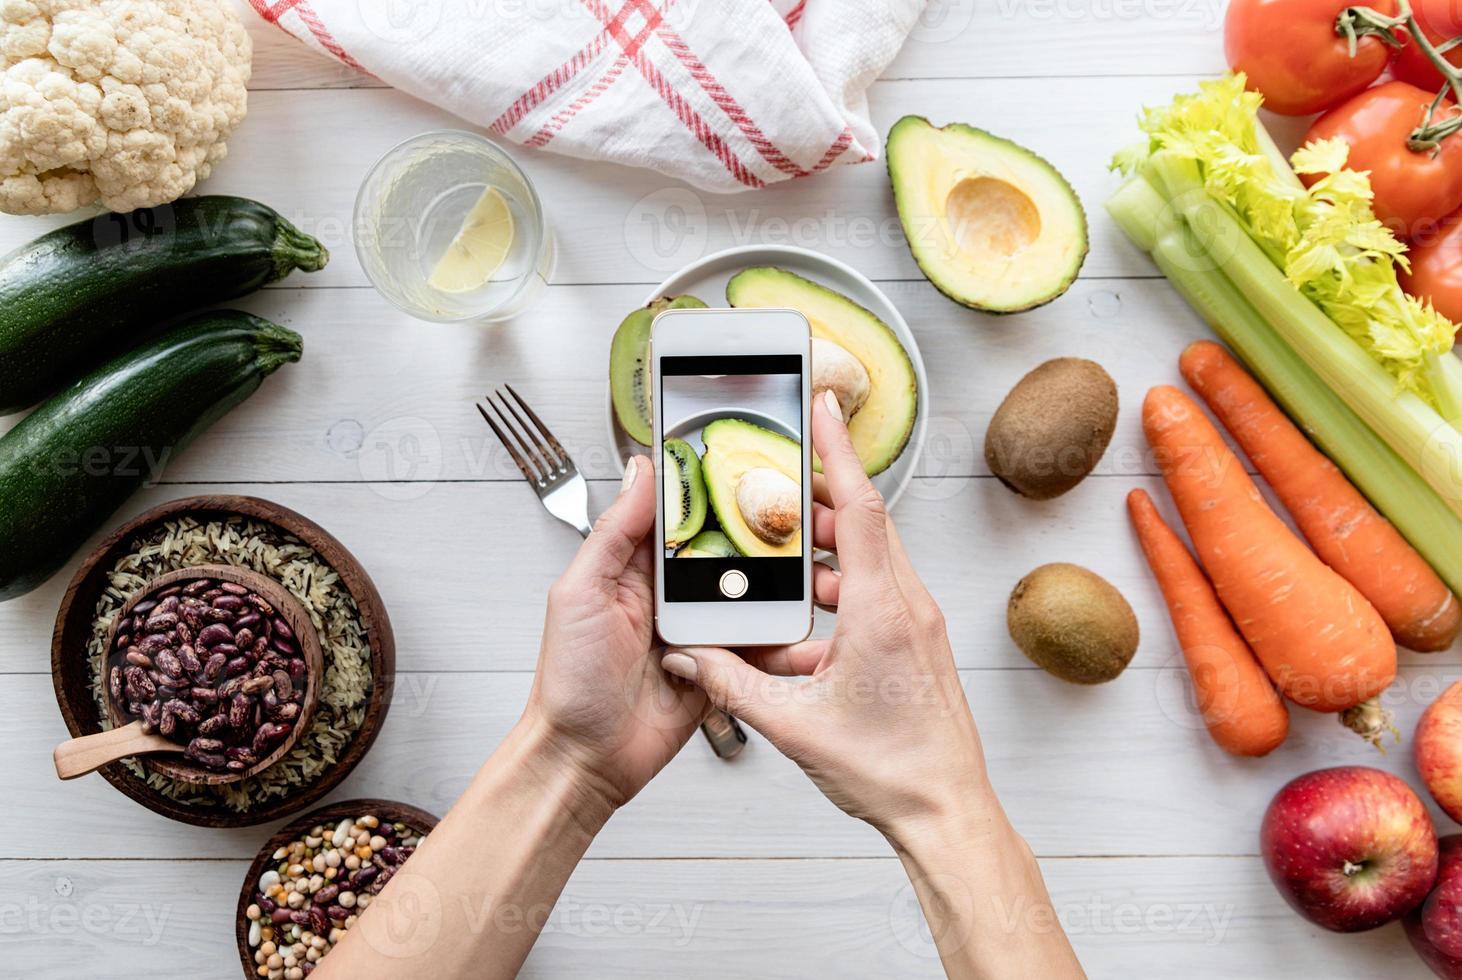 manos femeninas tomando una foto de comida sana vista superior laicos